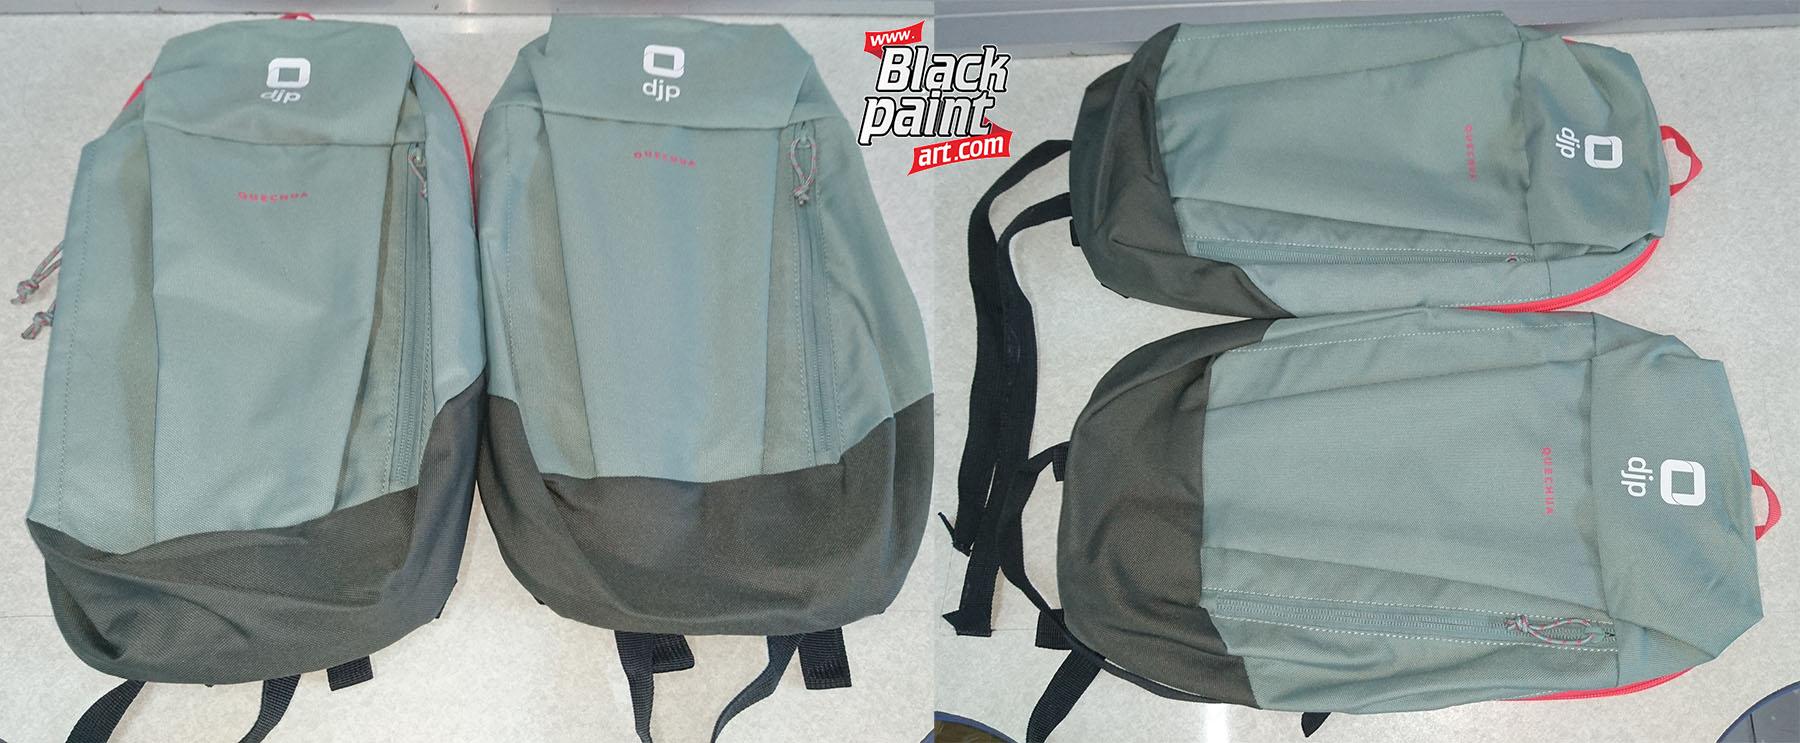 Halo! kamu ingin buat sablon tas dengan desain sesuai keinginanmu dan lagi bingung mencari tempat membuatnya di Pekanbaru? Coba deh ke Blackpaint Print Shop.